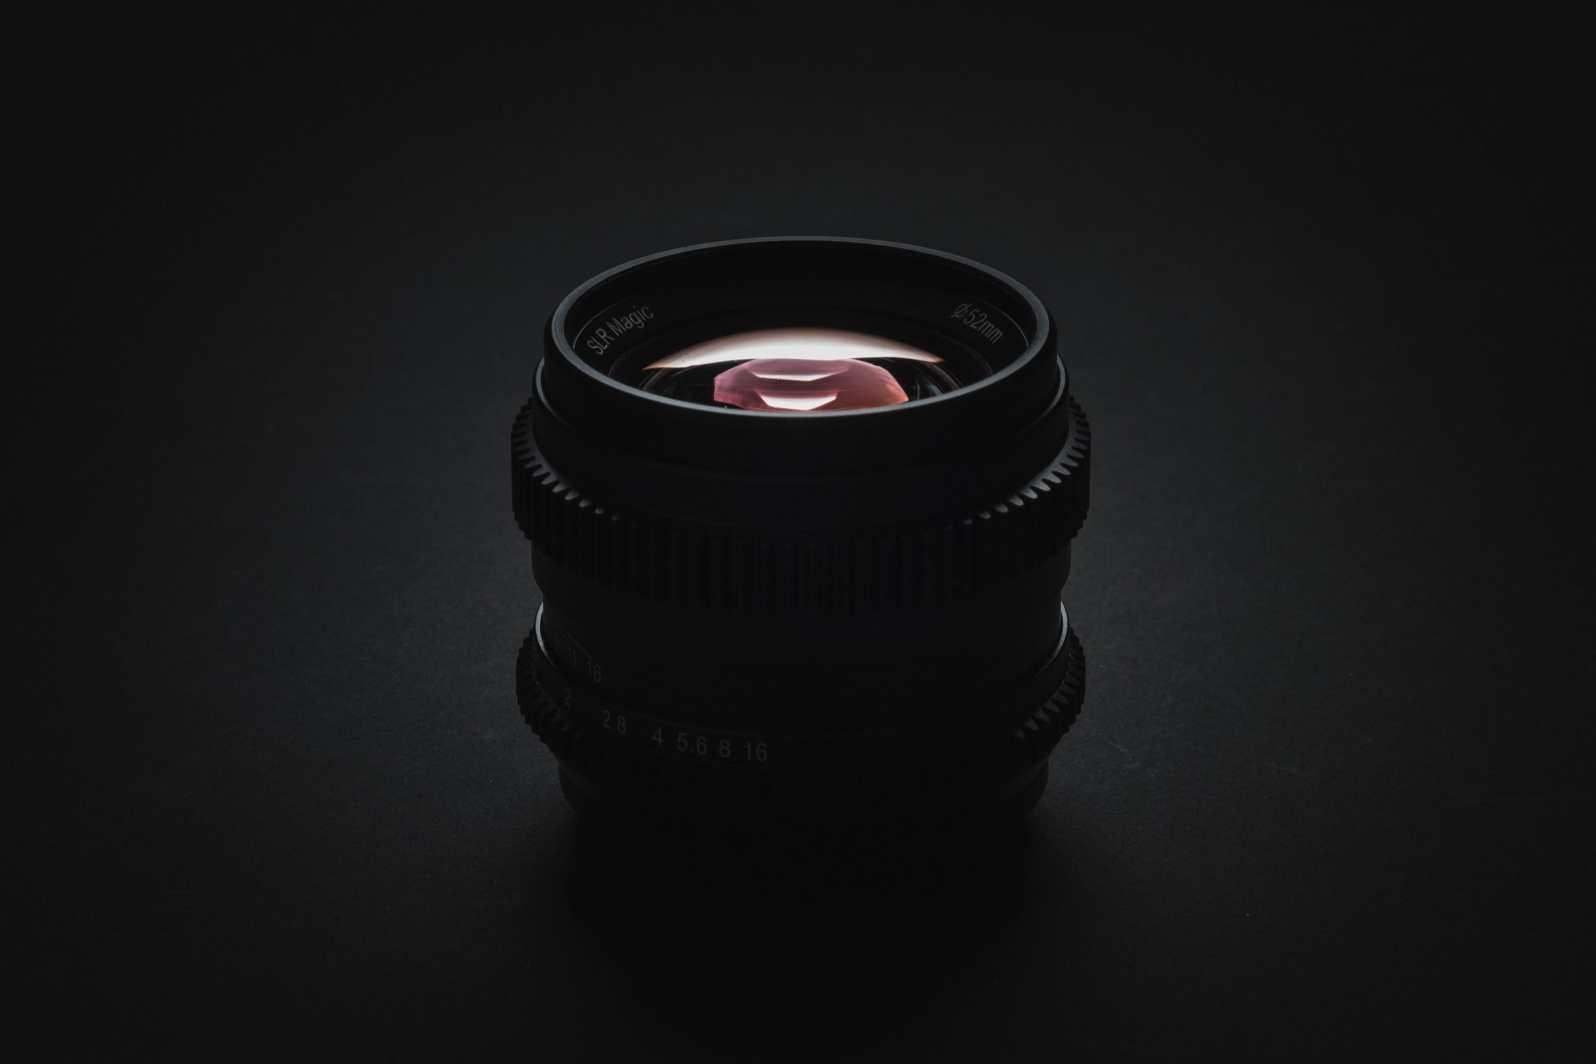 SLR Magic 50mm f1.1 Product Shot